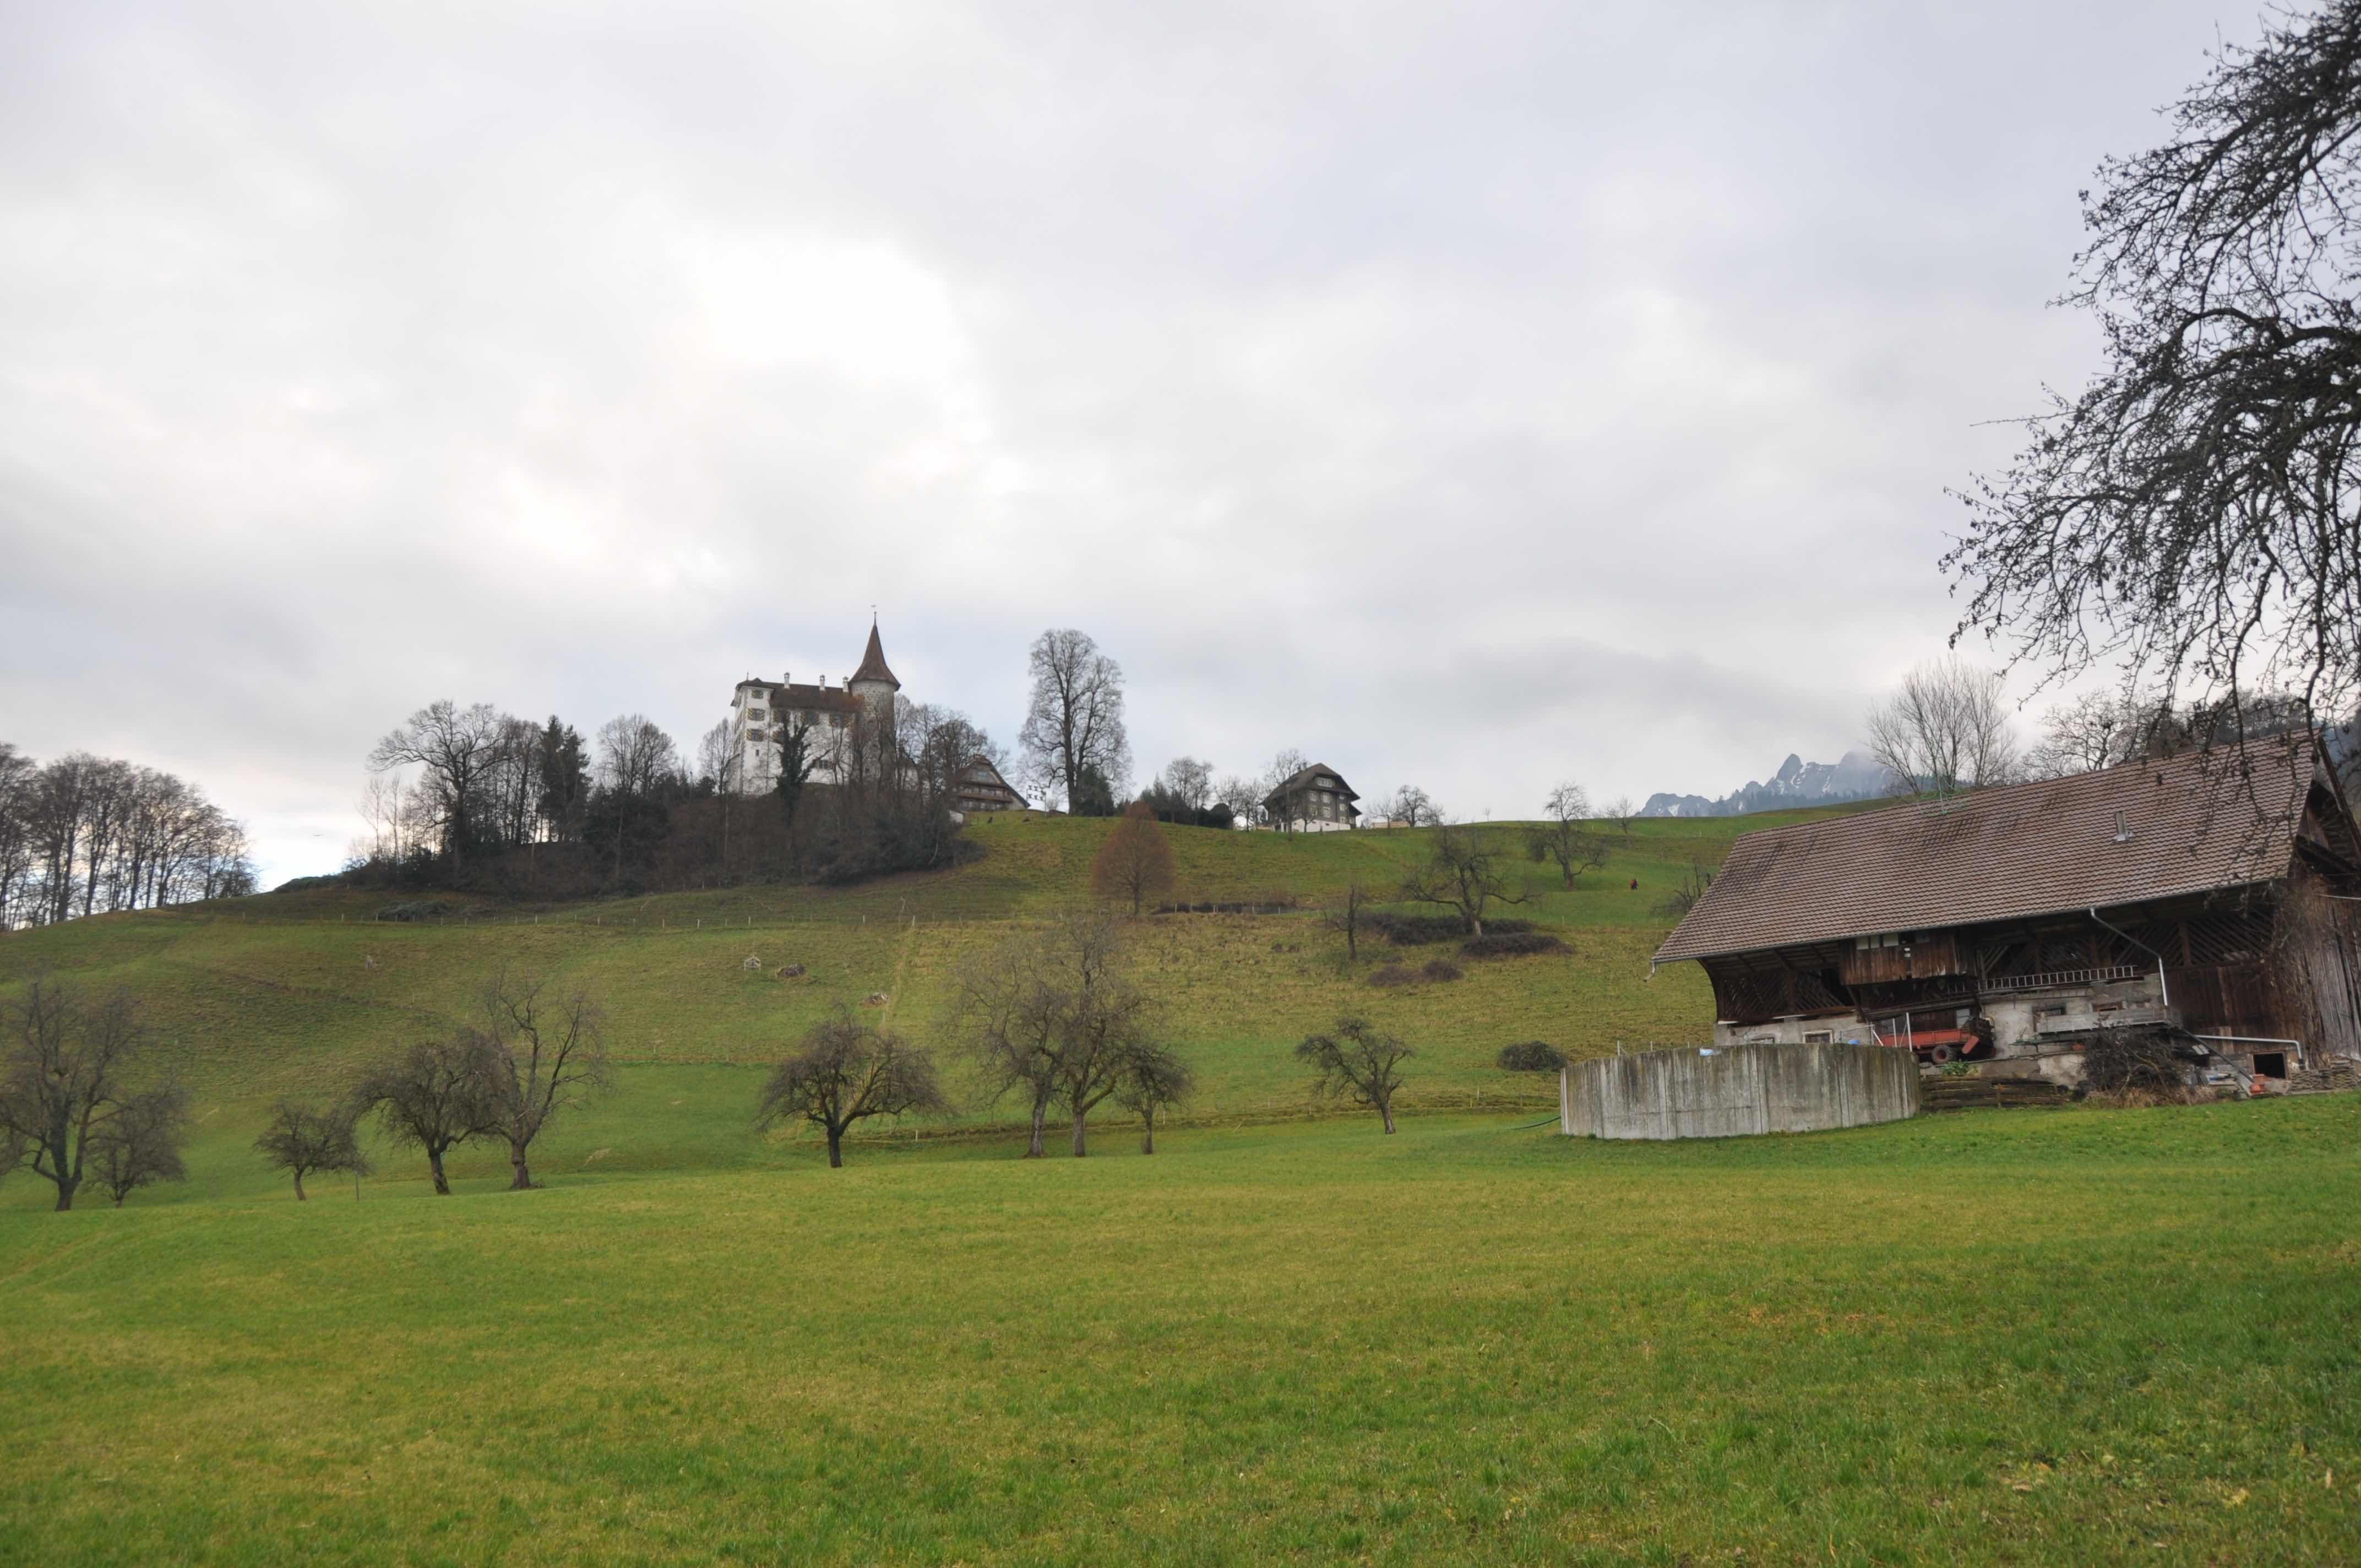 Blick auf das Schloss Schauensee in Kriens, das prominent über der Gemeinde thront.